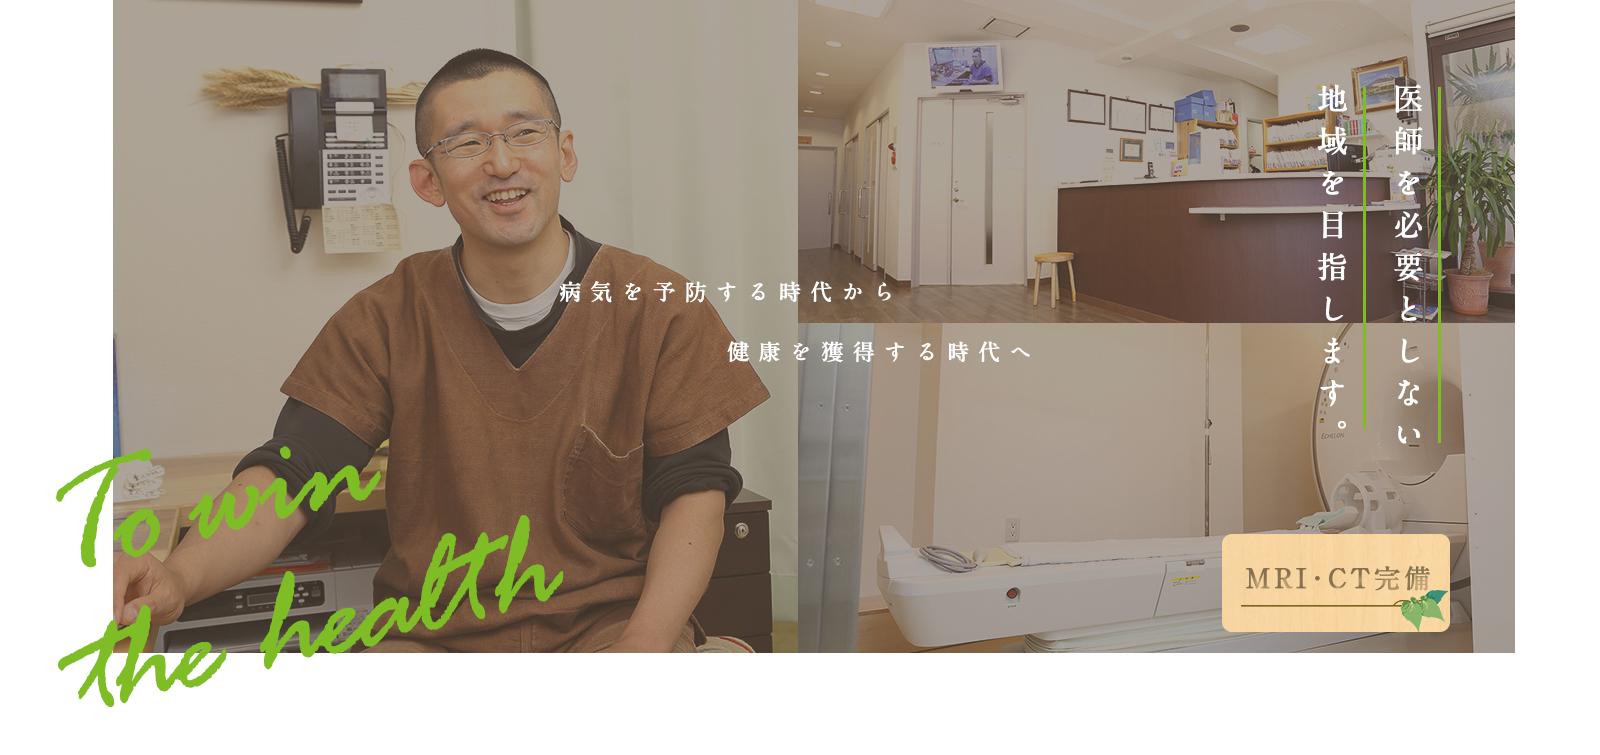 To win the health 病気を予防する時代から健康を獲得する時代へ 医師を必要としない地域を目指します。MRI・CT完備